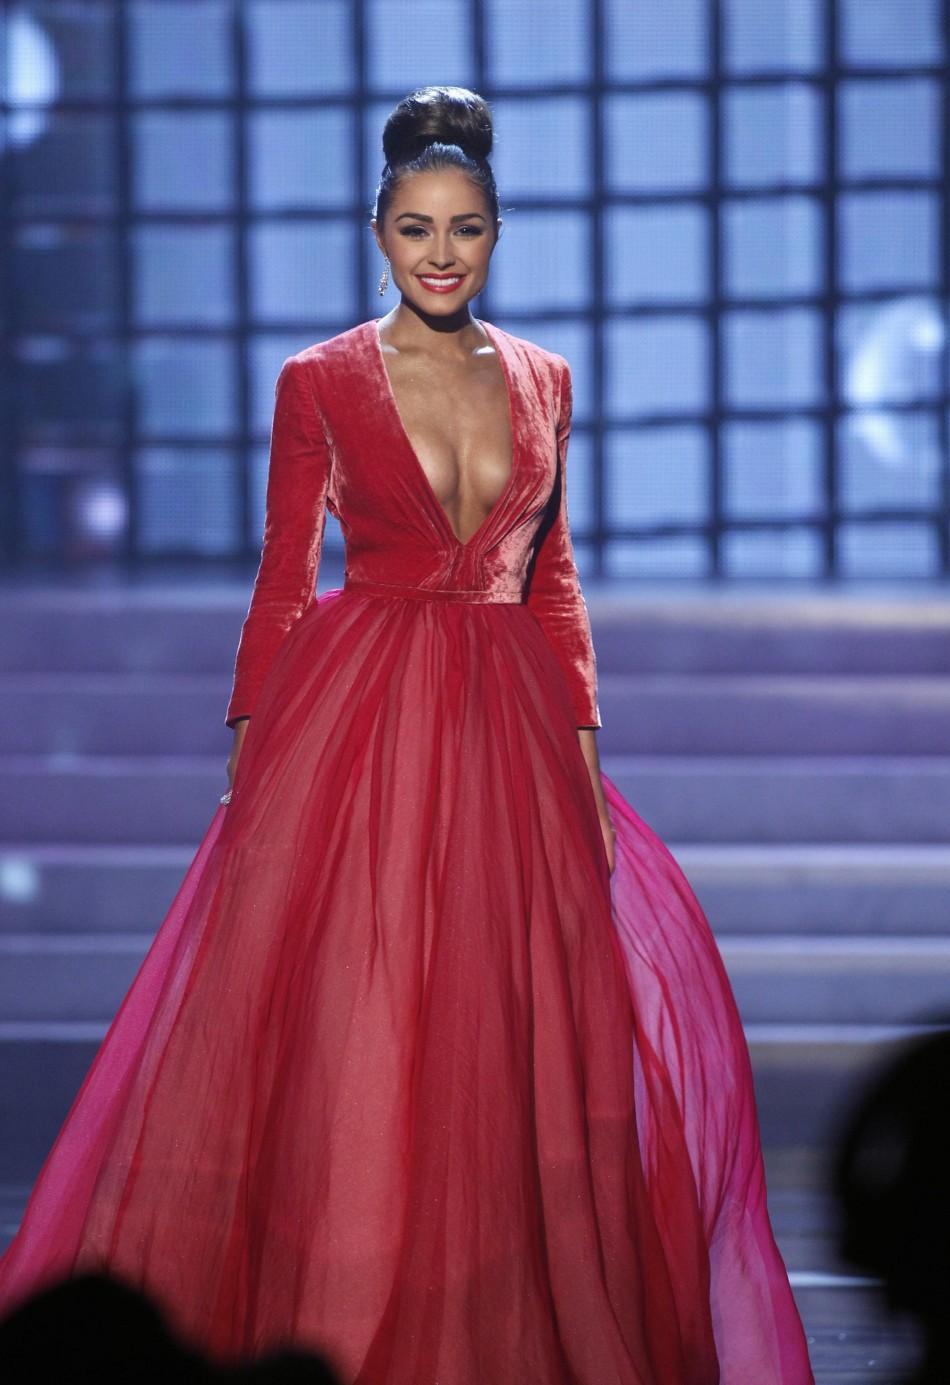 Miss USA, Olivia Culpo, is Miss Universe 2012